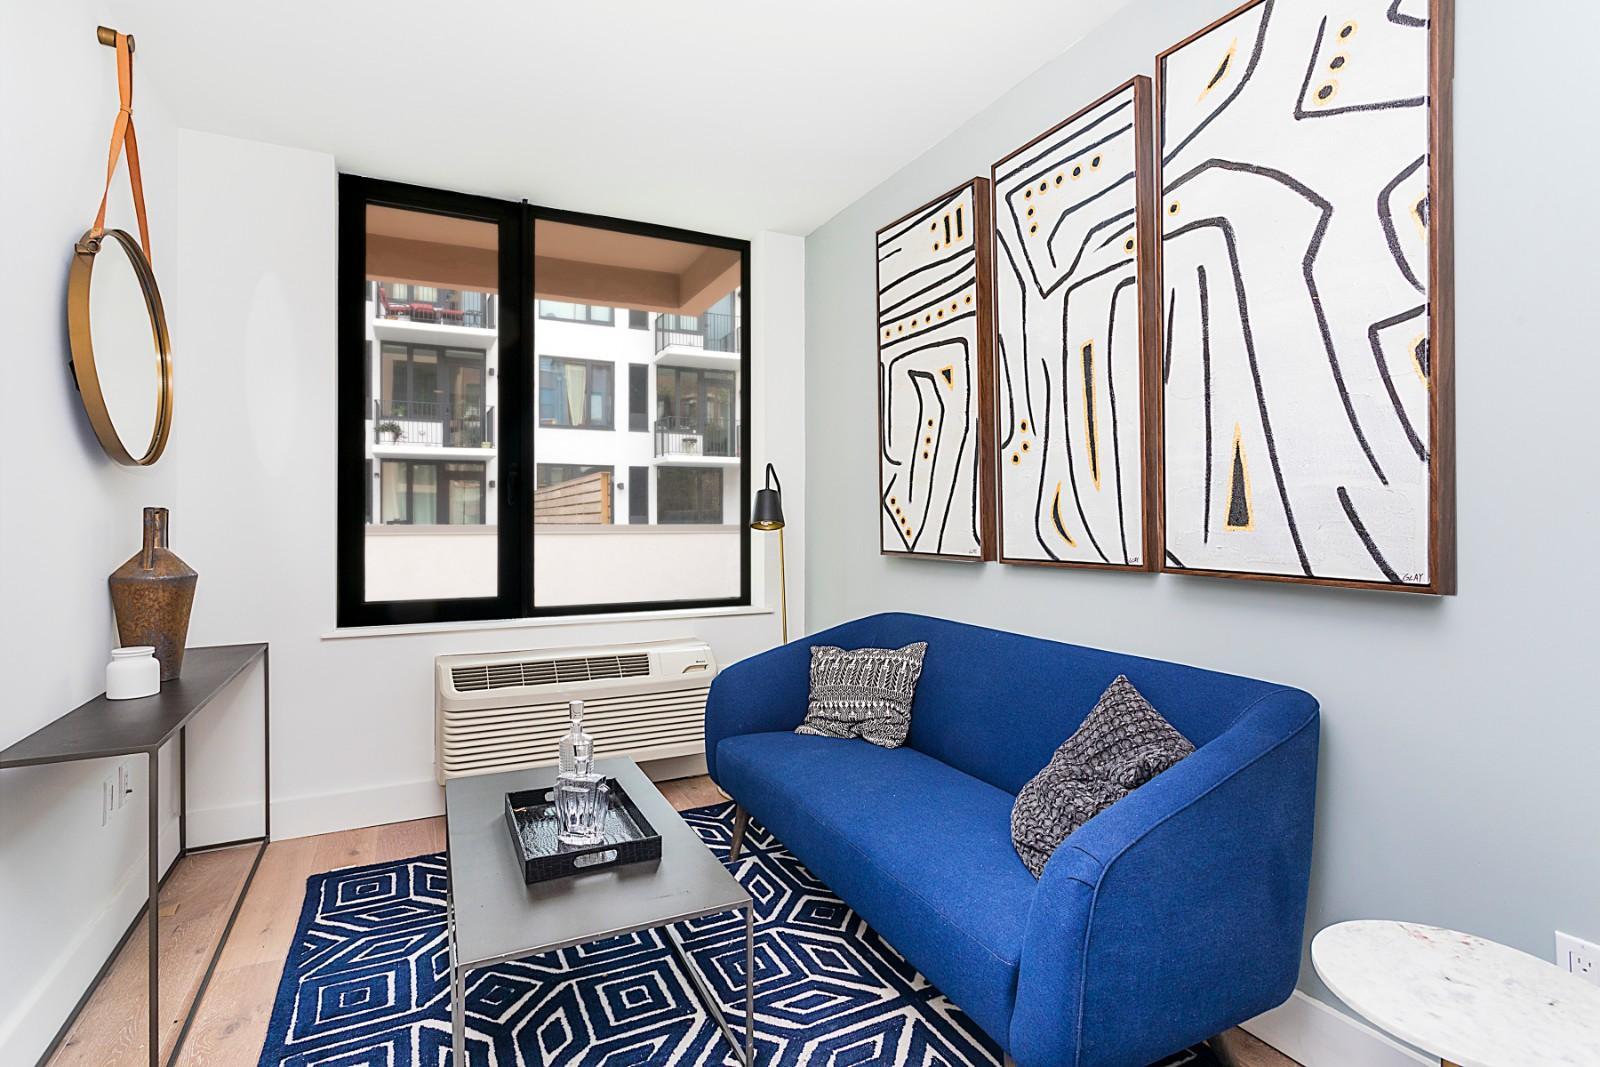 1.5 Apartment in Harlem